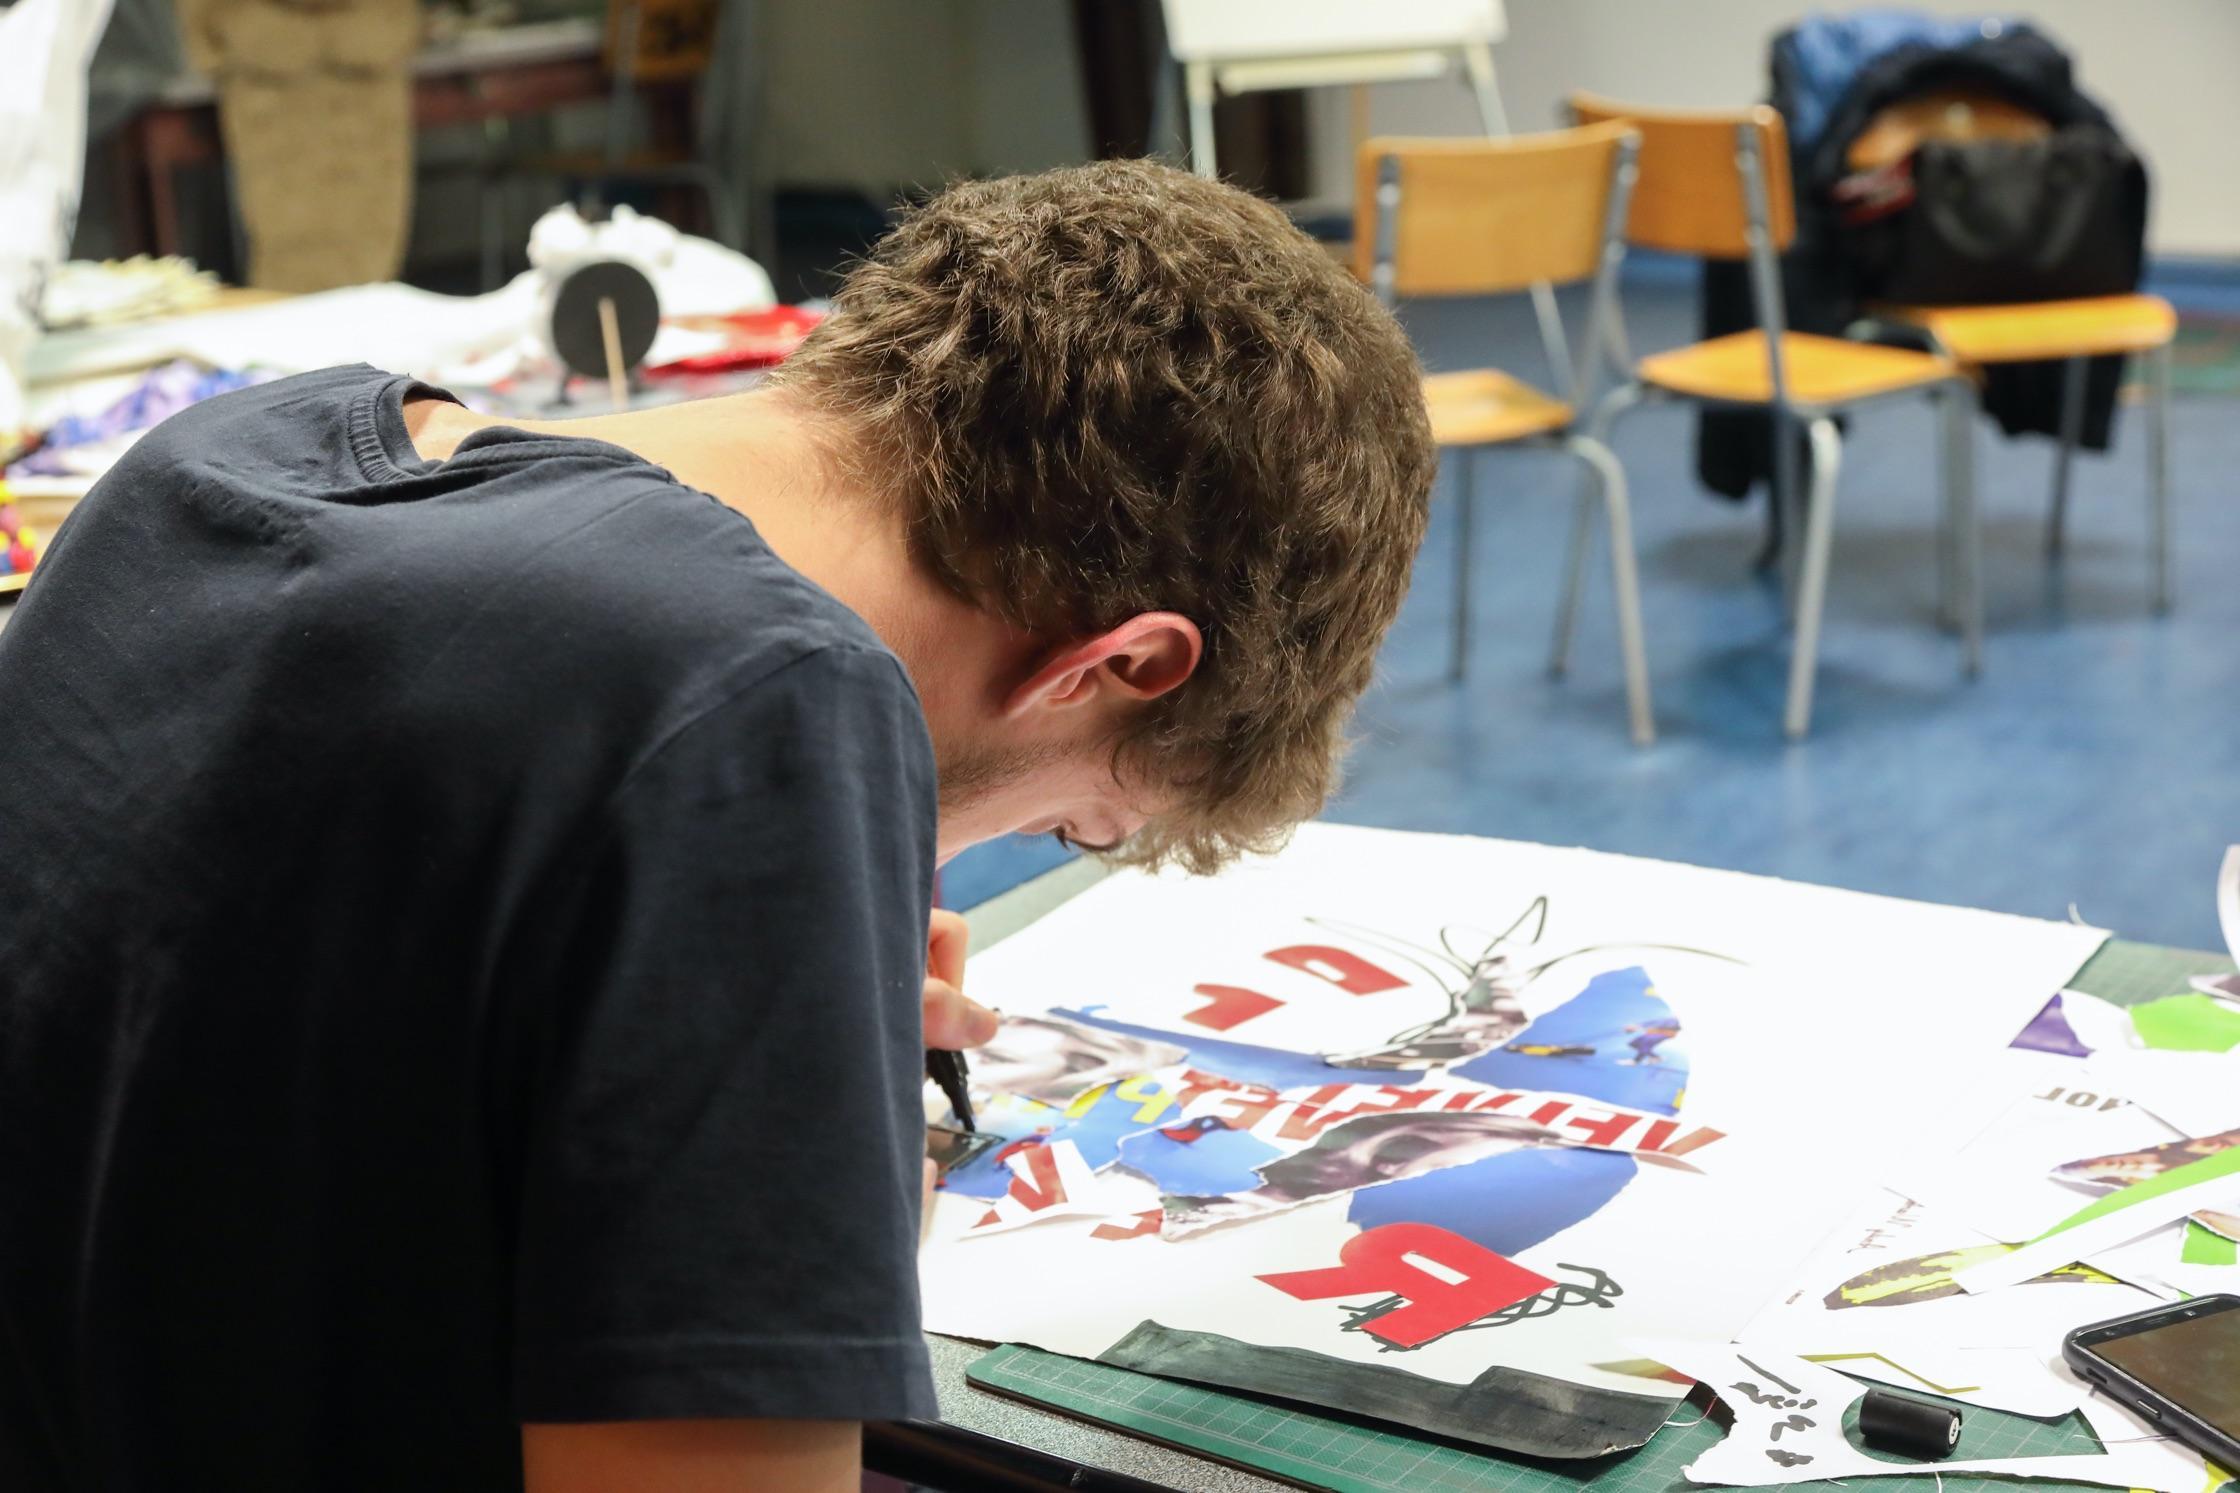 Un étudiant de l'Étic dessine.